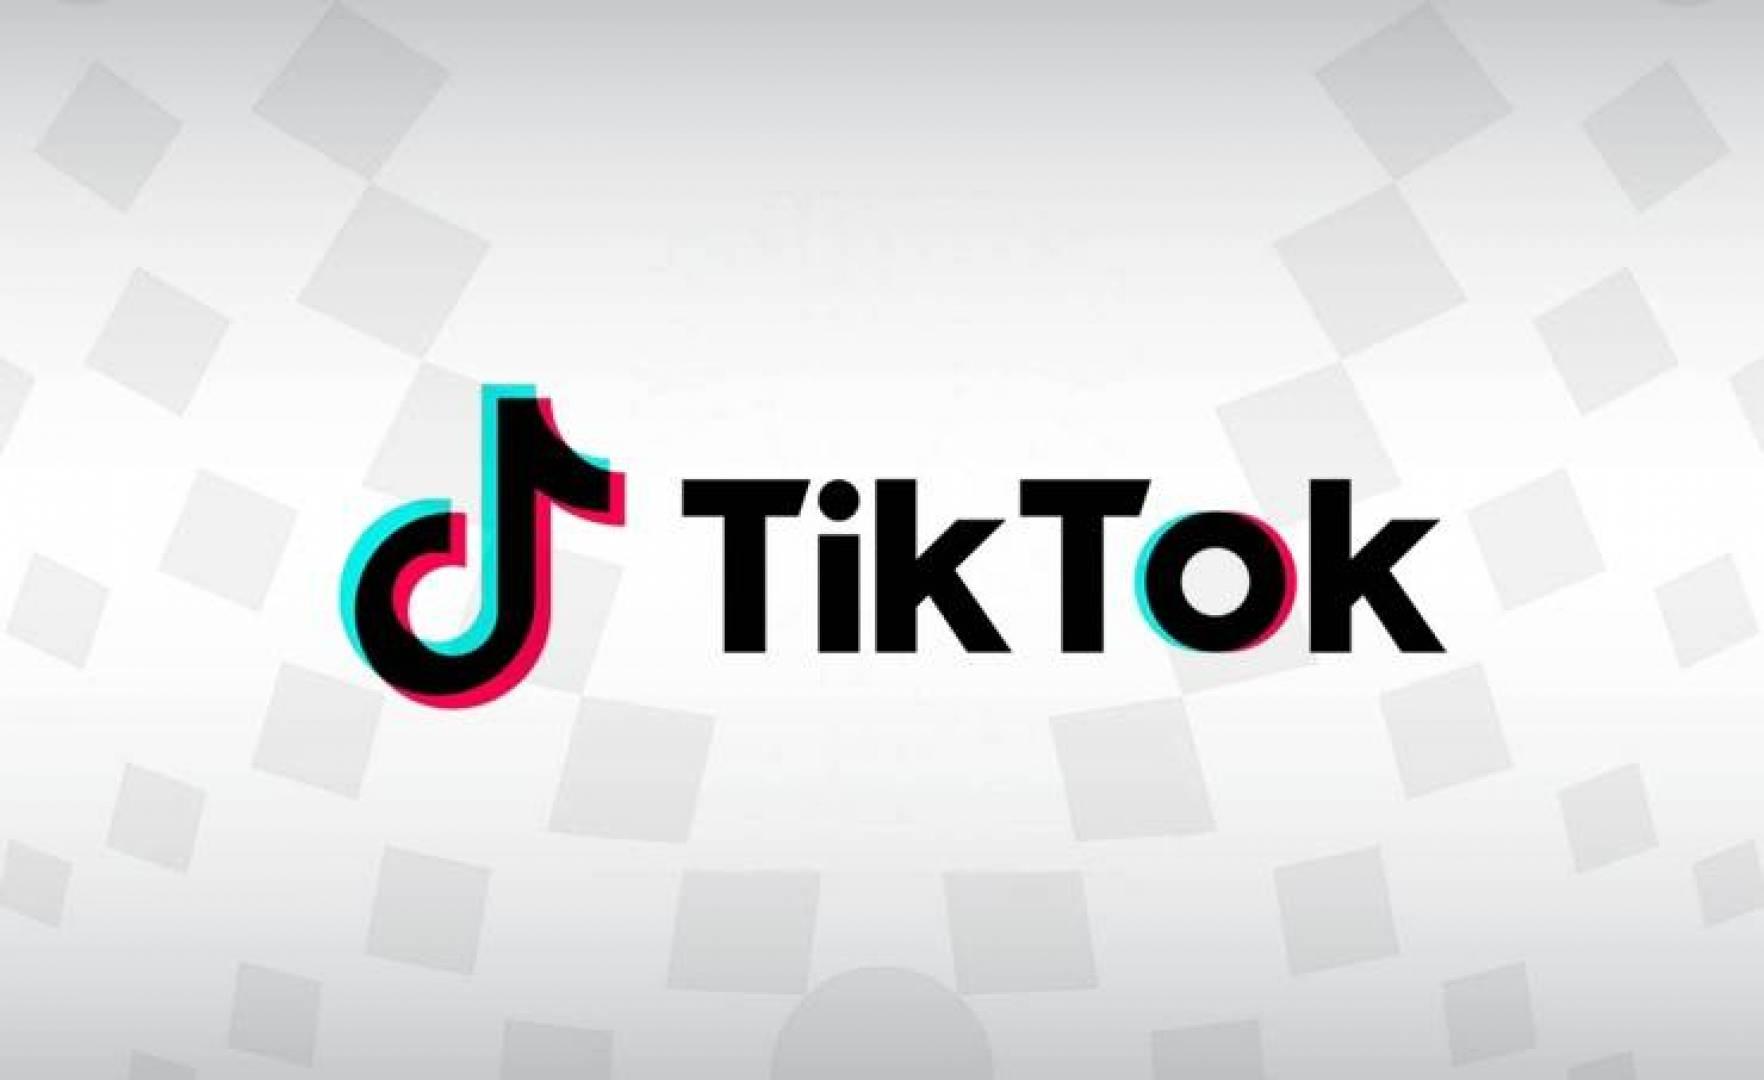 ملاحقة تيك توك قضائياً بتهمة انتهاك خصوصية المستخدمين القصّر